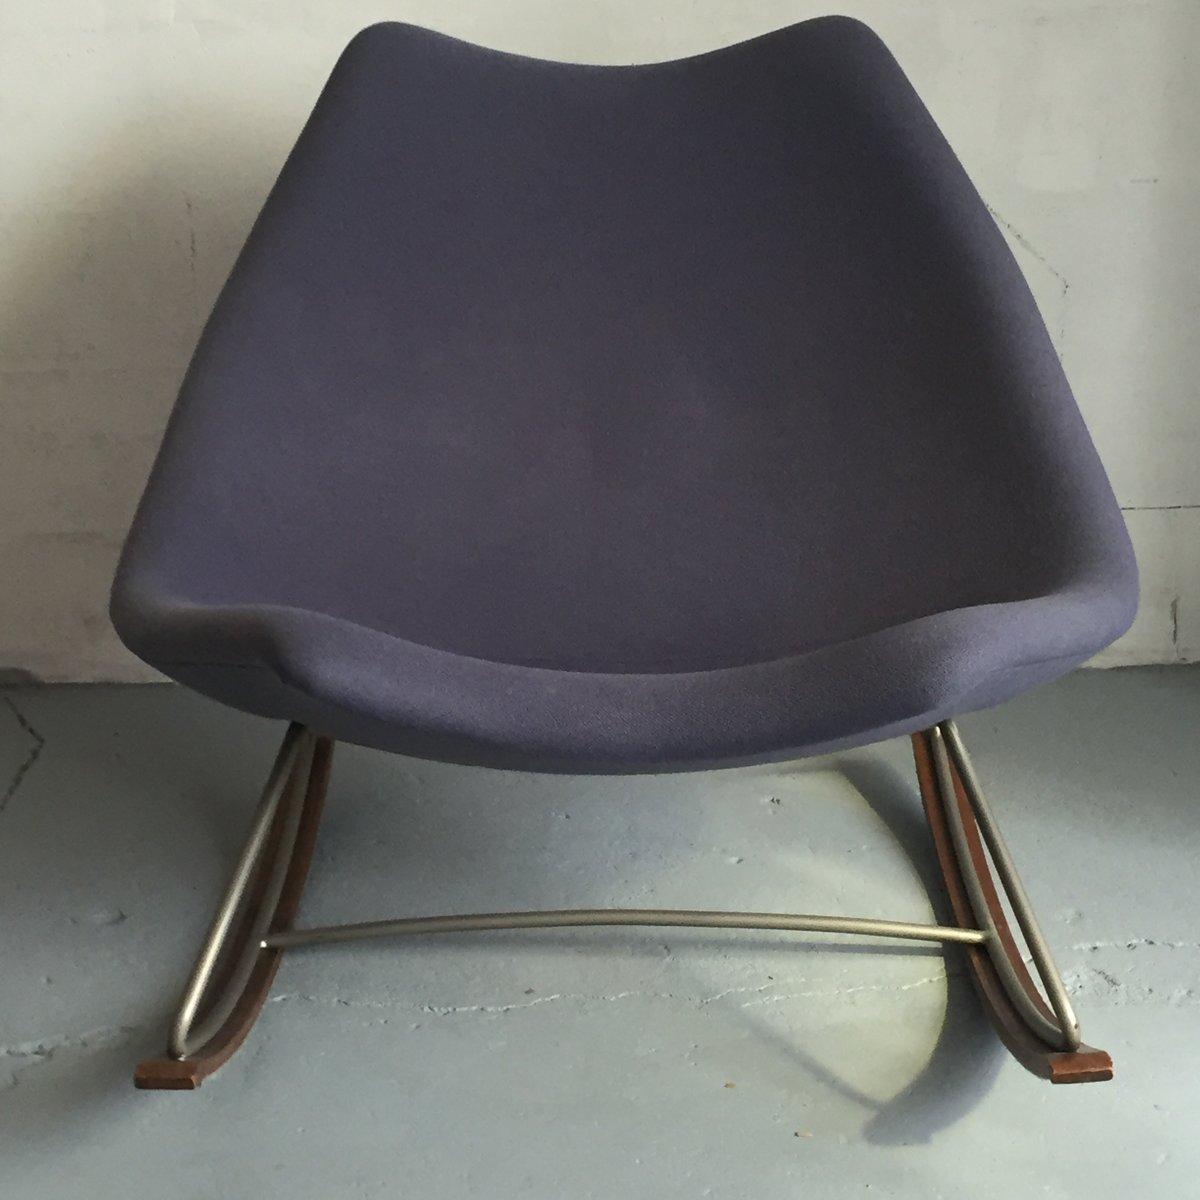 F595 schaukelstuhl aus blauem stoff von geoffrey harcourt for Schaukelstuhl stoff